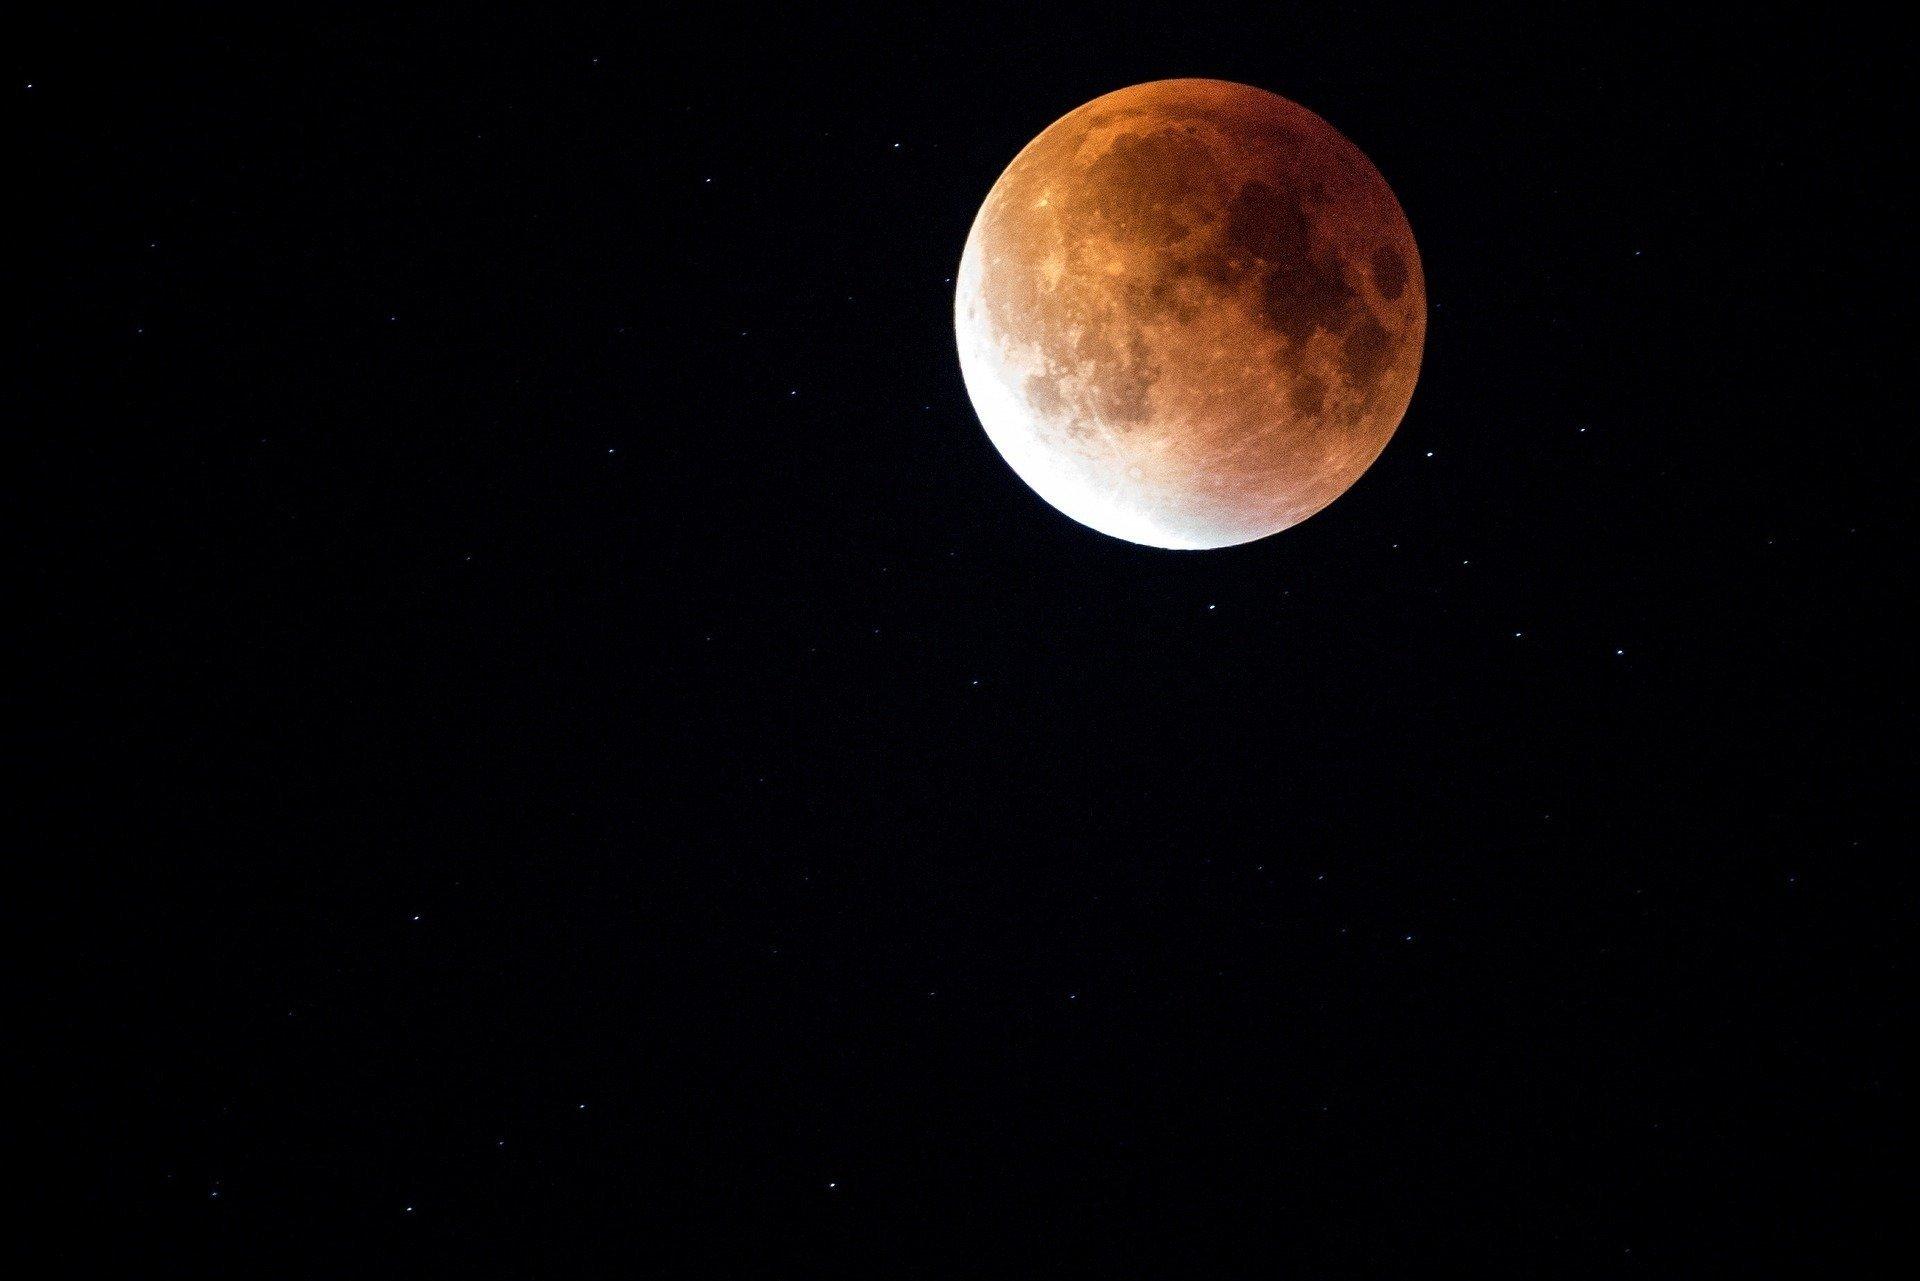 Zaćmienie Księżyca: kiedy przypada? Czy całkowite zaćmienie Księżyca wpływa na ludzi?   Strona ...